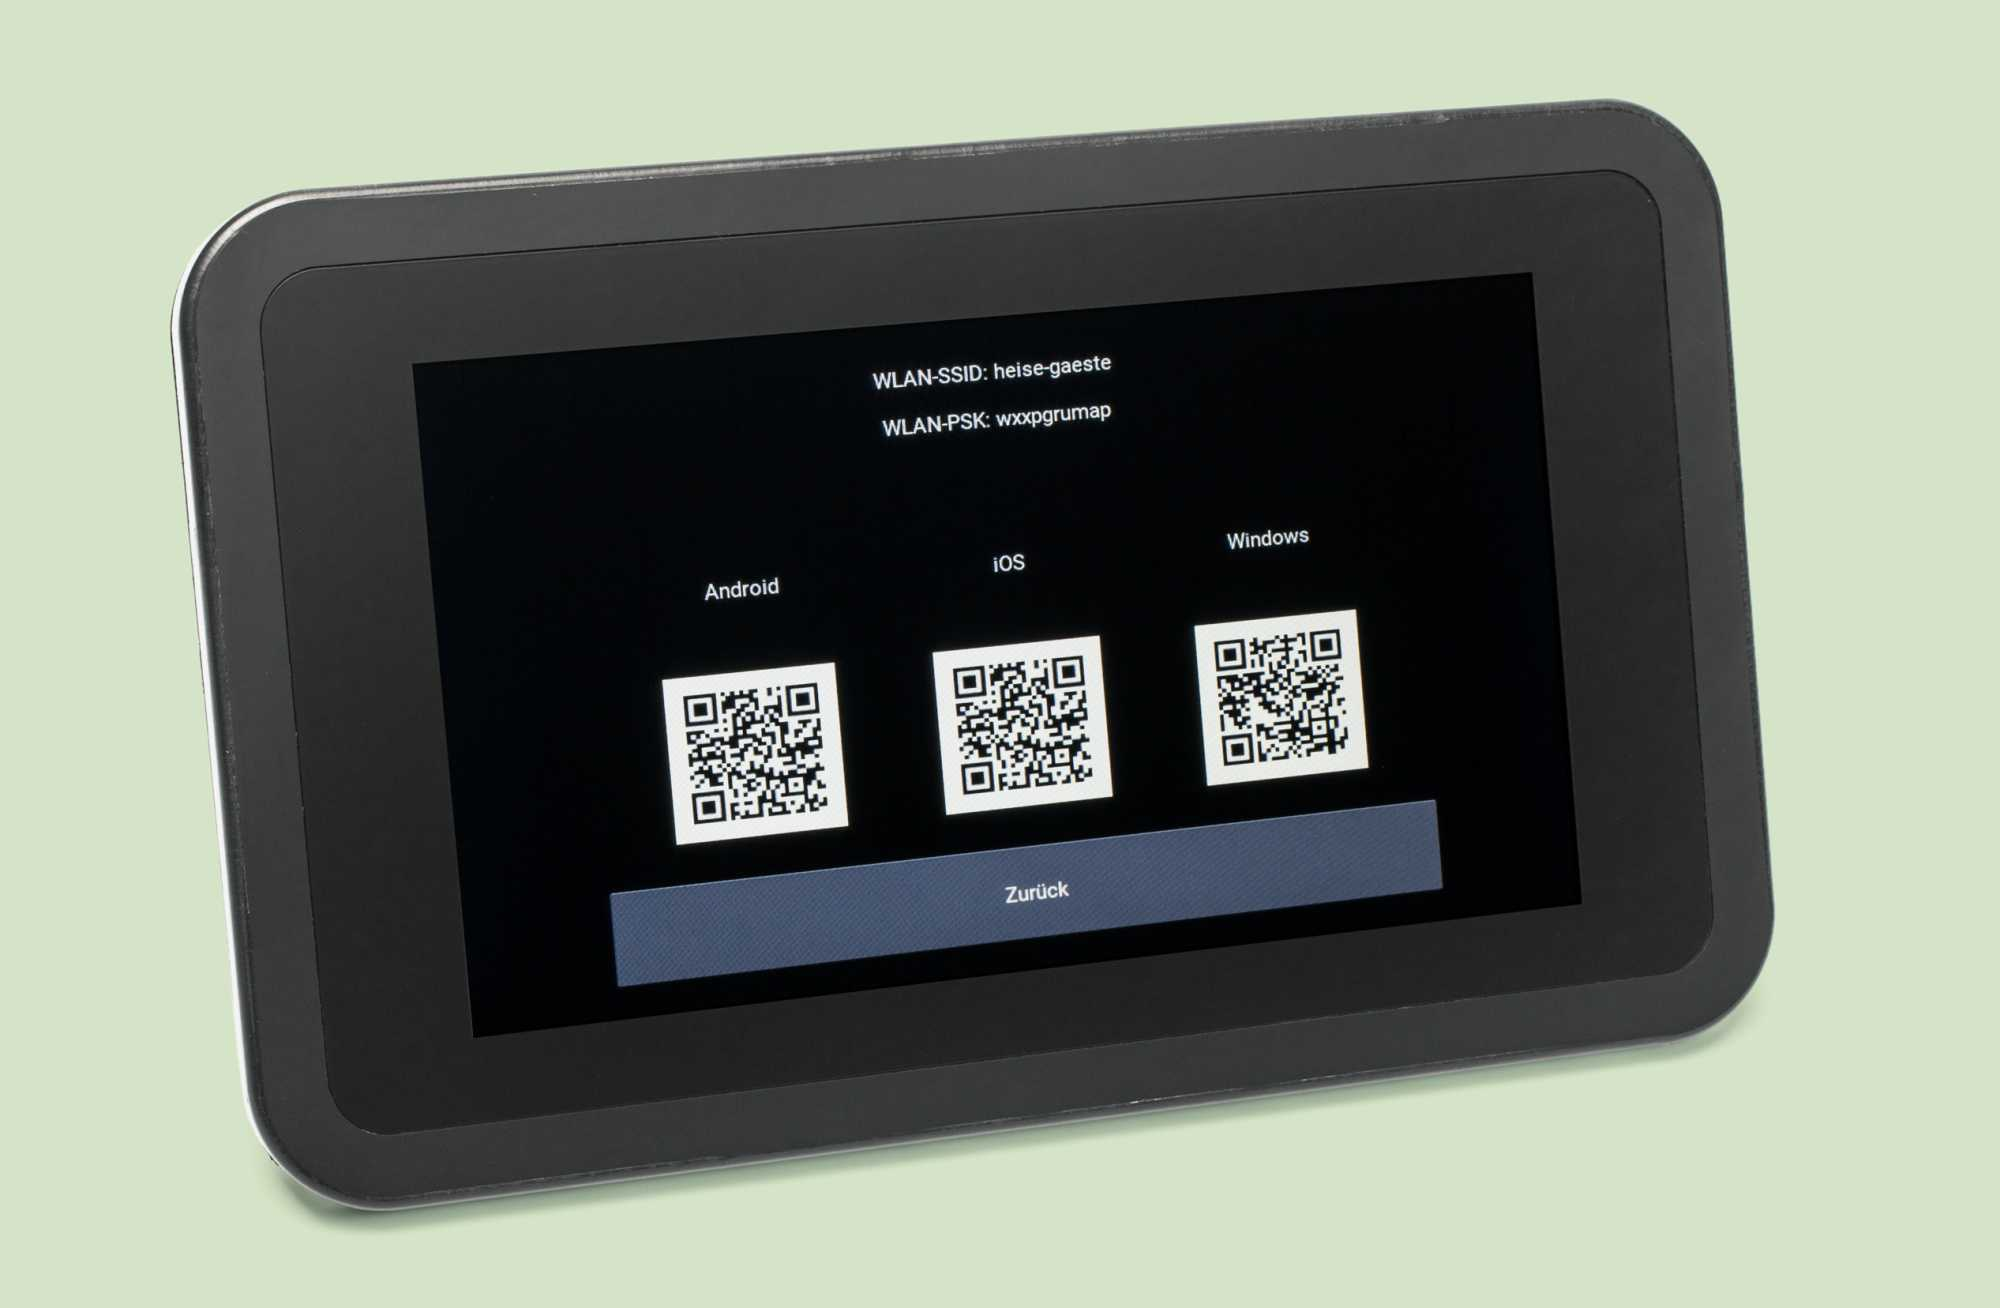 Das Passwort fürs Gäste-WLAN wird als abfotografierter QR-Code am kleinen Display angezeigt.